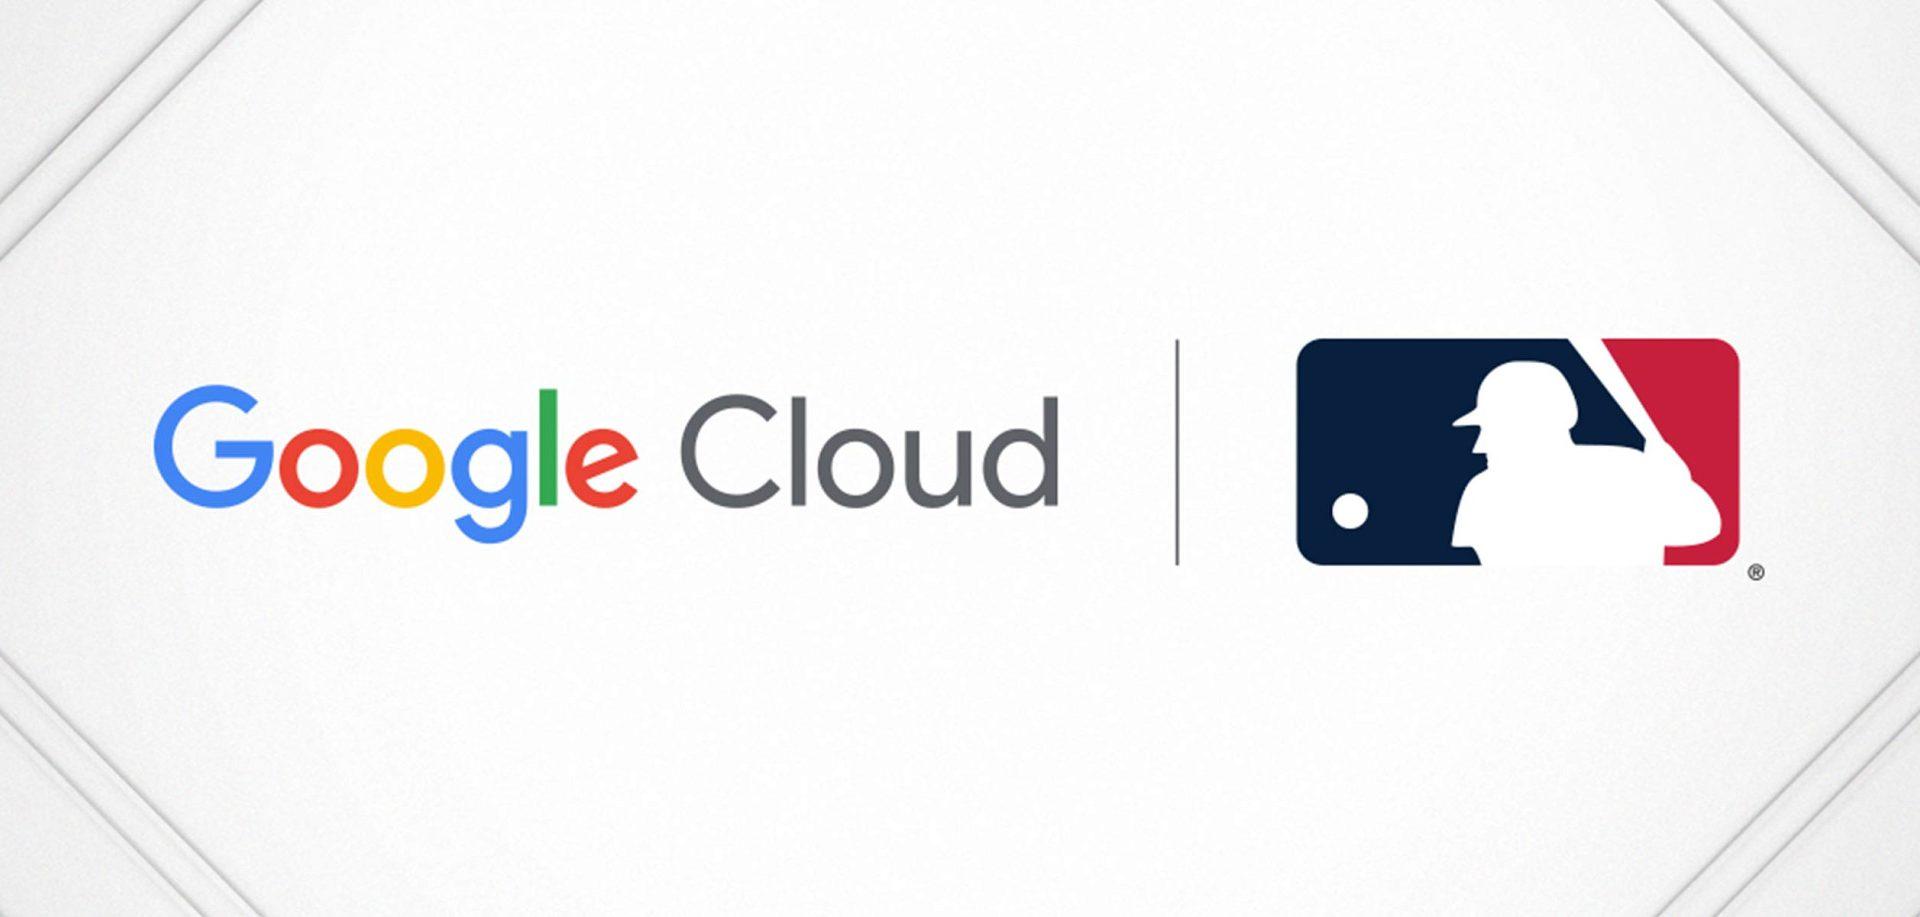 Google Cloud | Major League Baseball | MLB